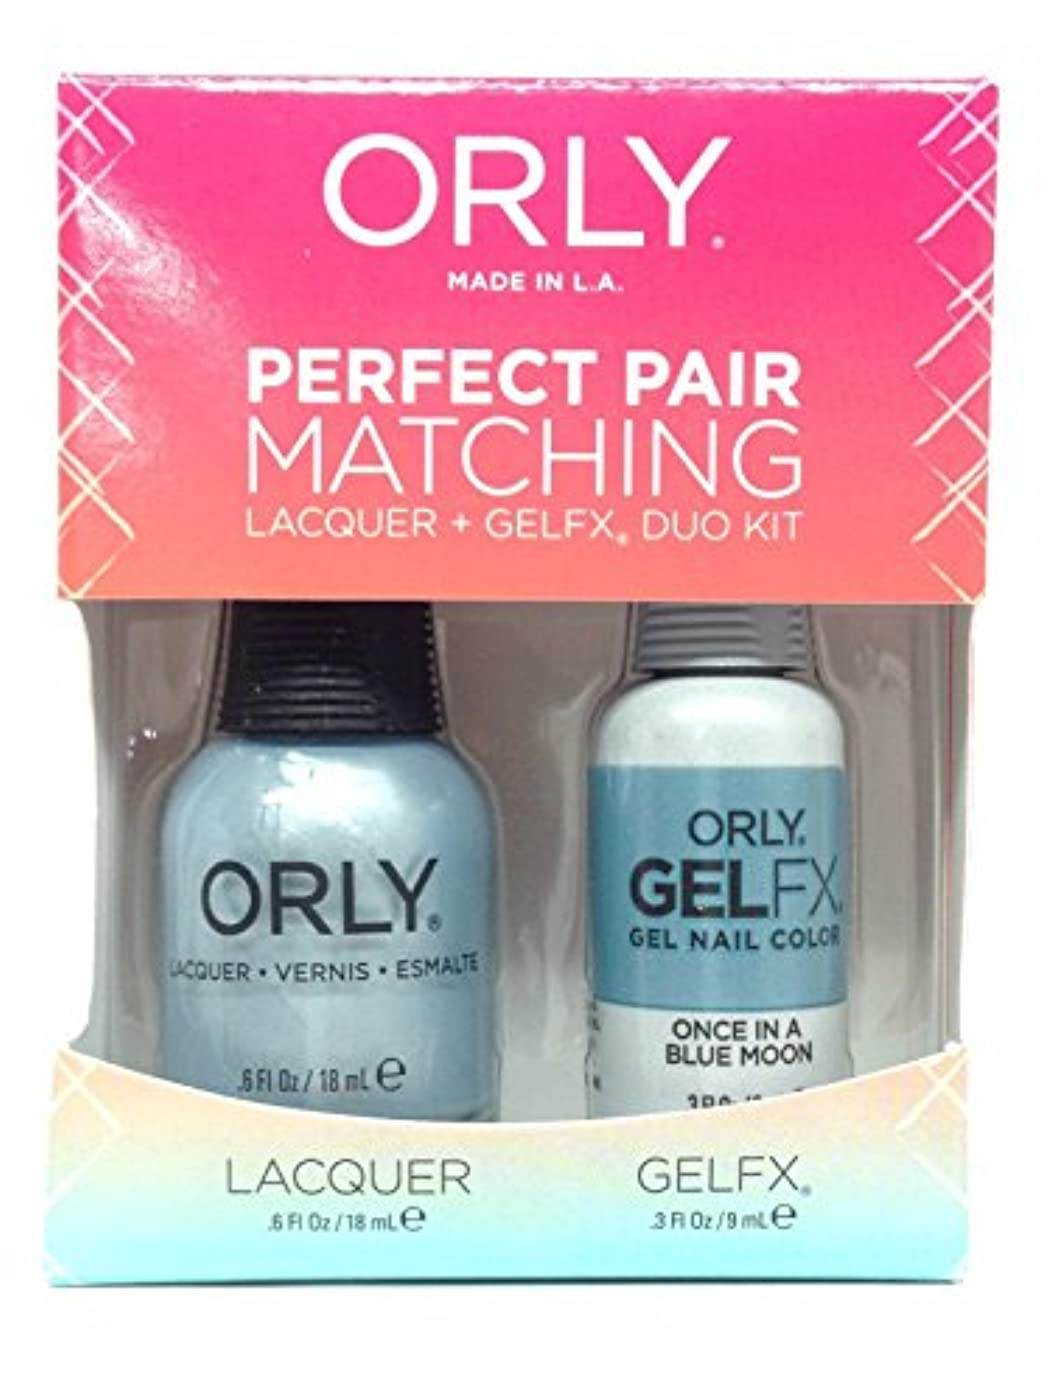 座標賞賛するジェームズダイソンOrly Lacquer + Gel FX - Perfect Pair Matching DUO Kit - Once In A Blue Moon